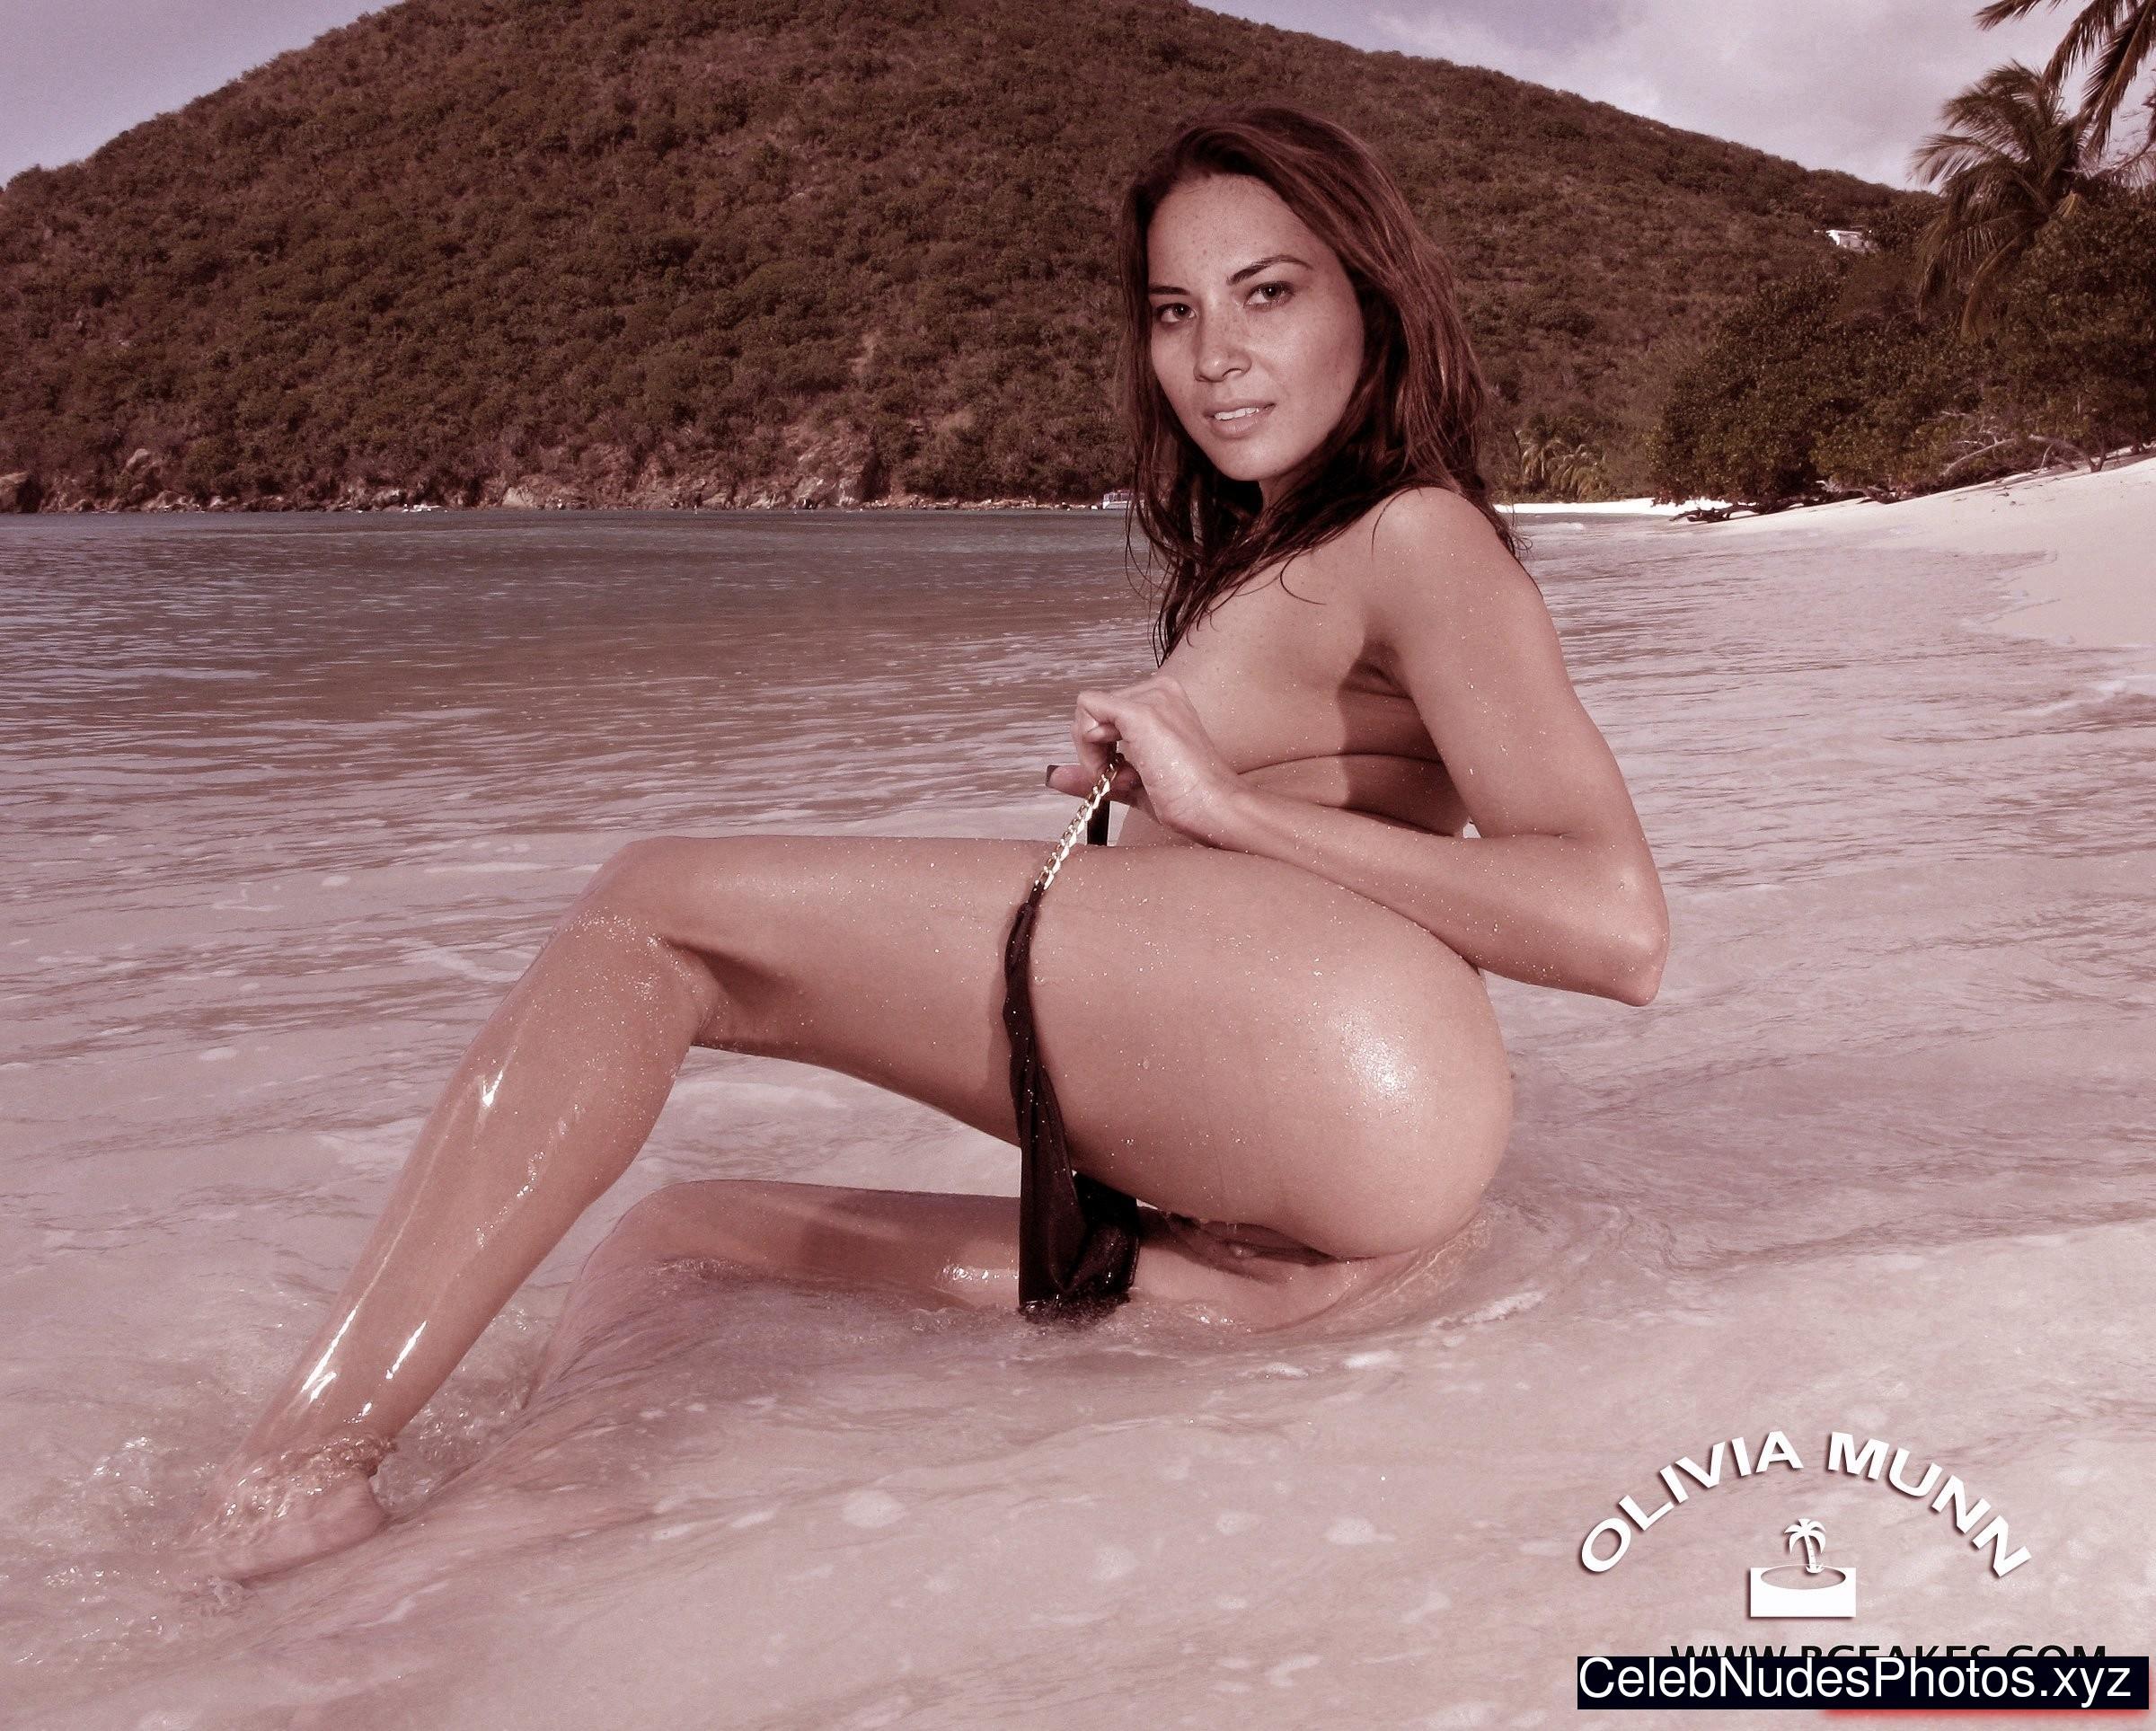 Olivia Munn celebrity naked